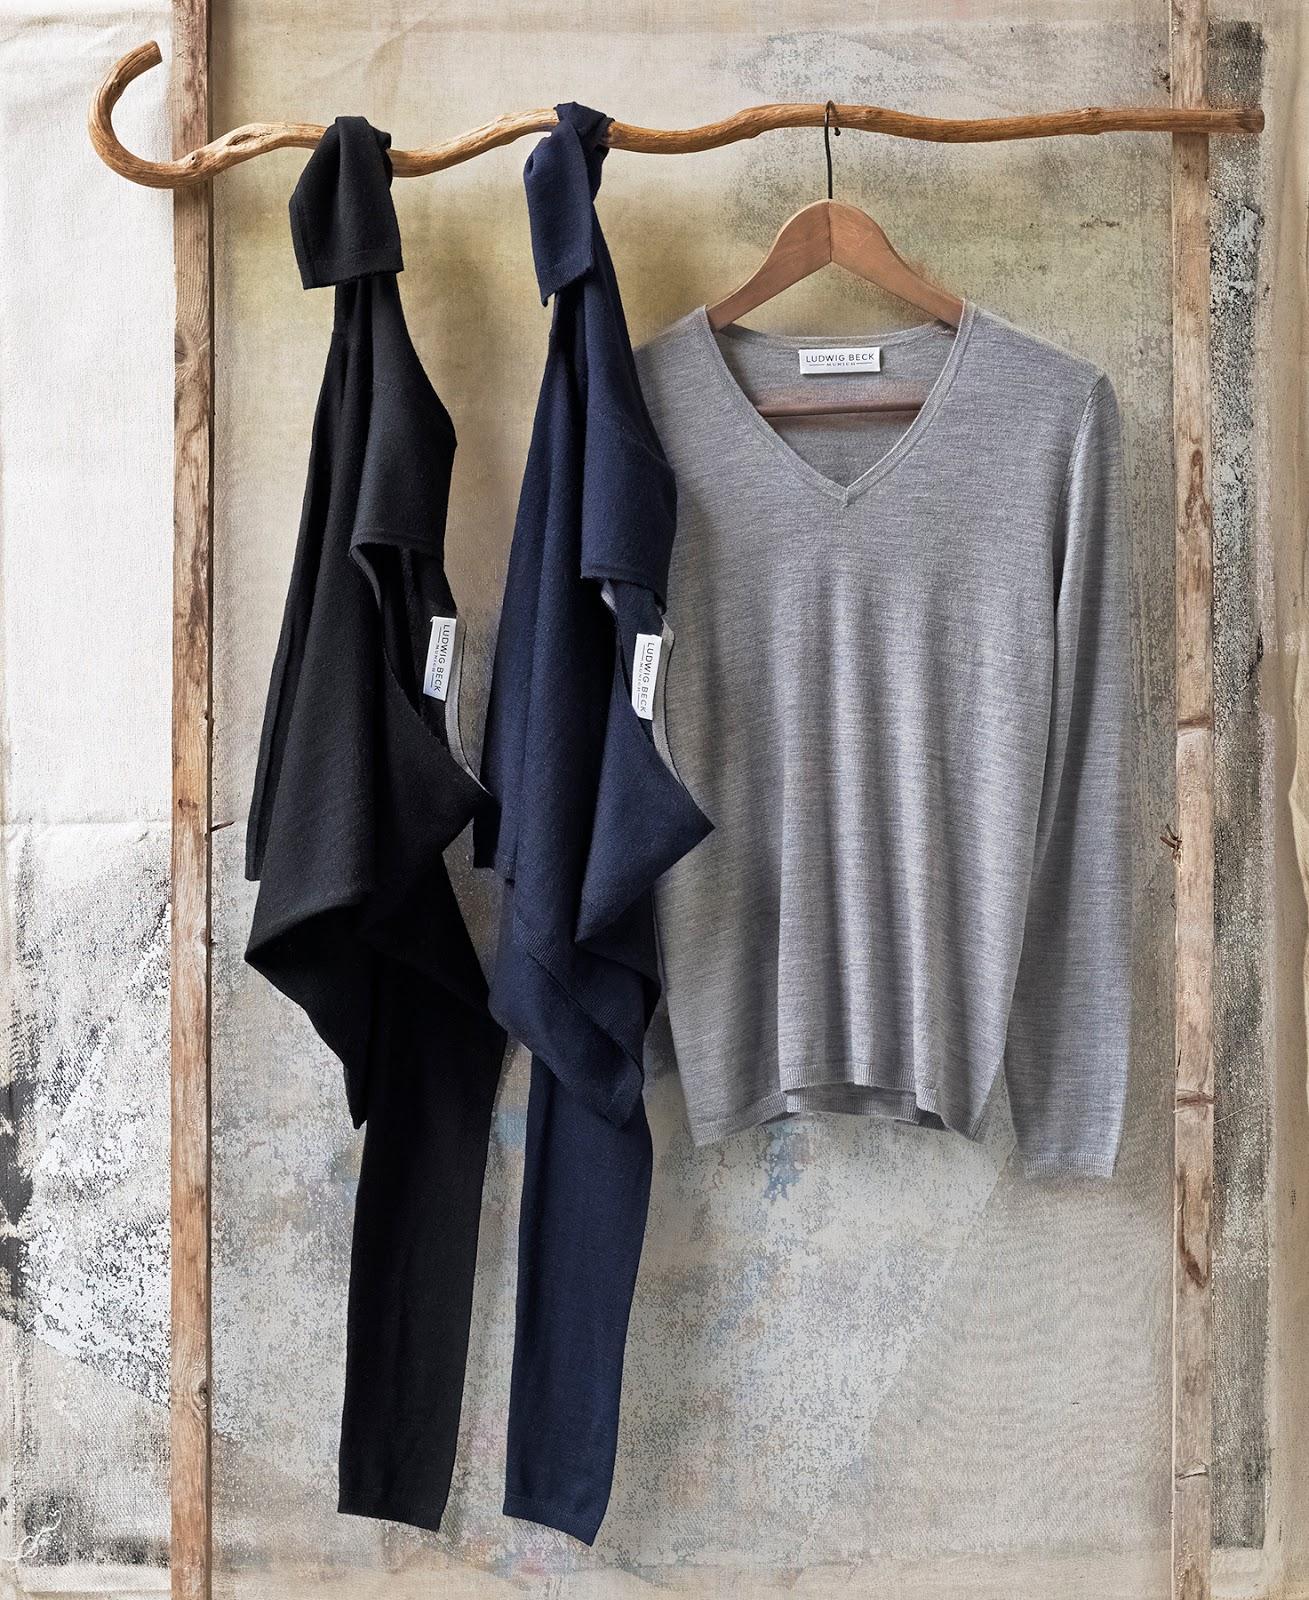 laurus fashiontipps ludwig beck m nchen eintauchen in die welt der wolle aktionen im. Black Bedroom Furniture Sets. Home Design Ideas